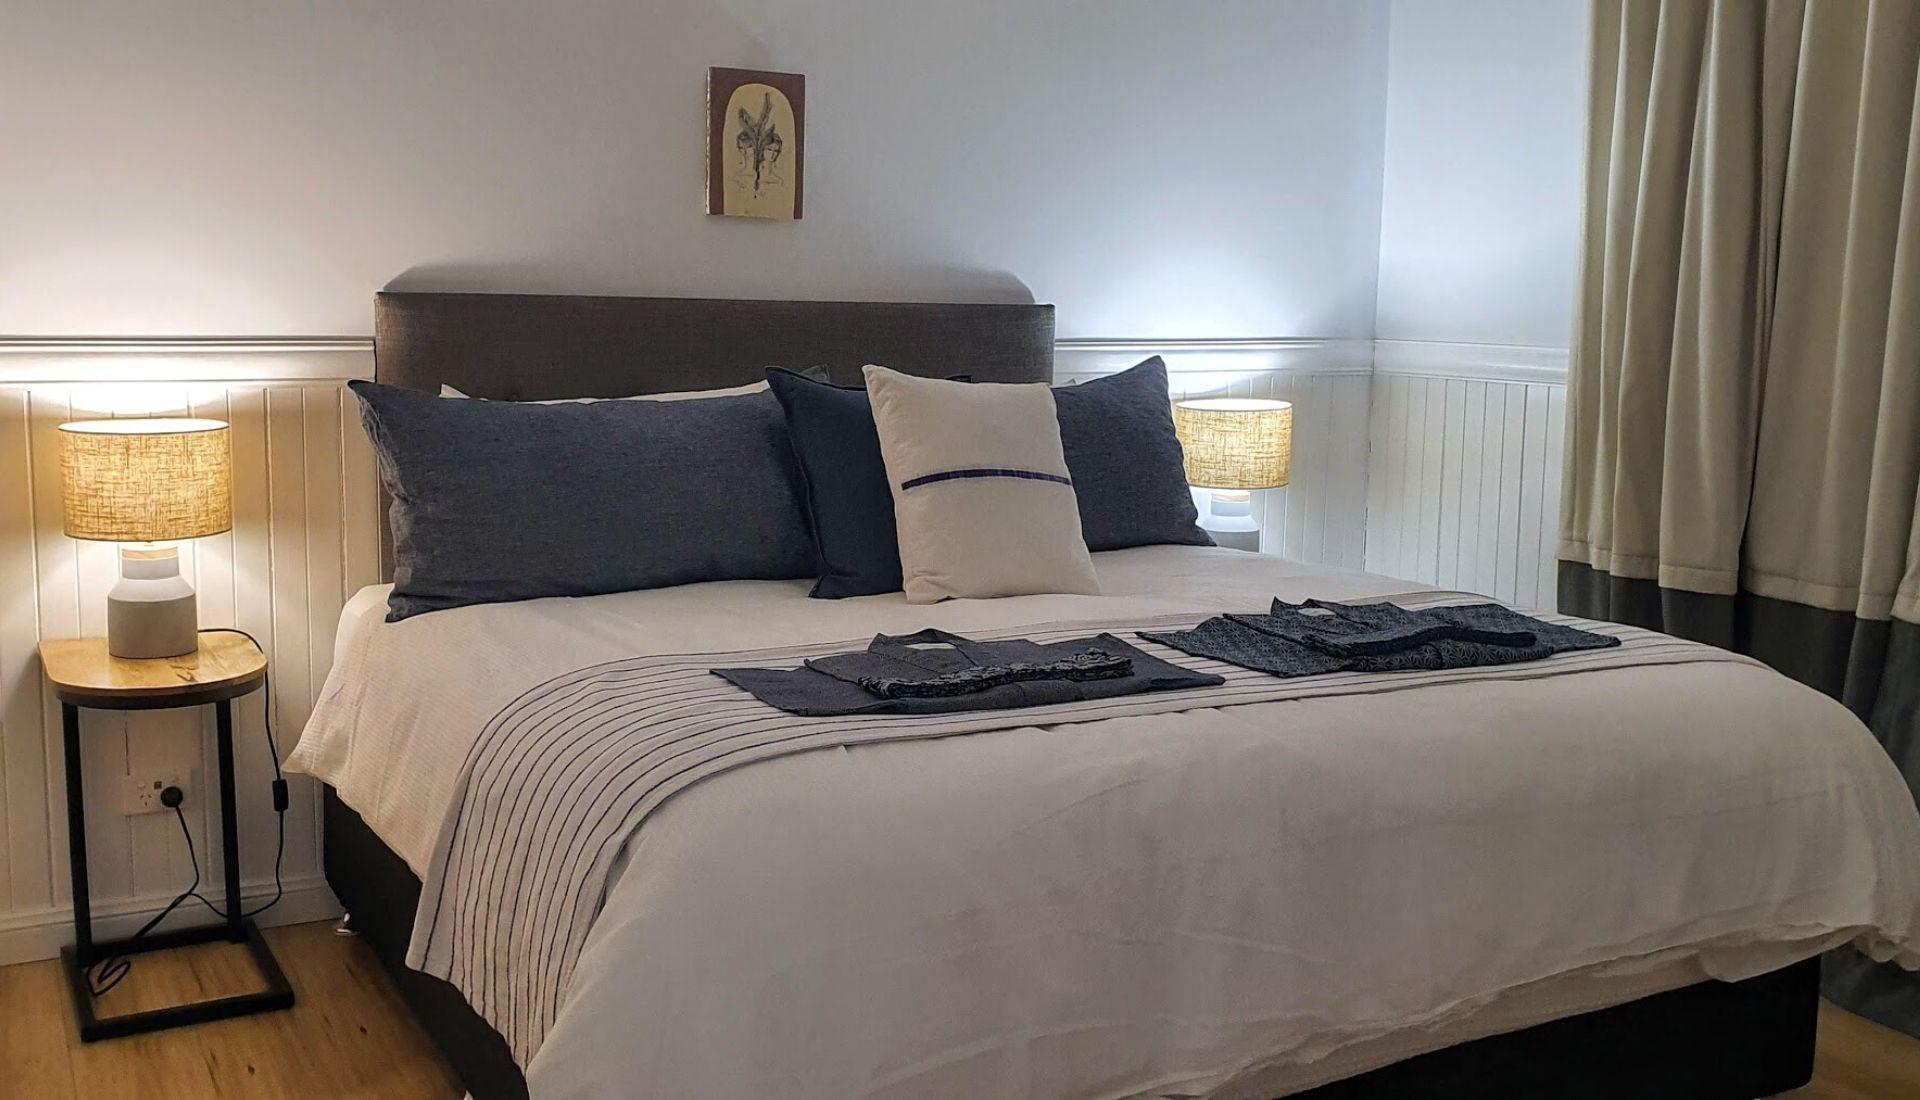 Bedroom at Peppertreehill